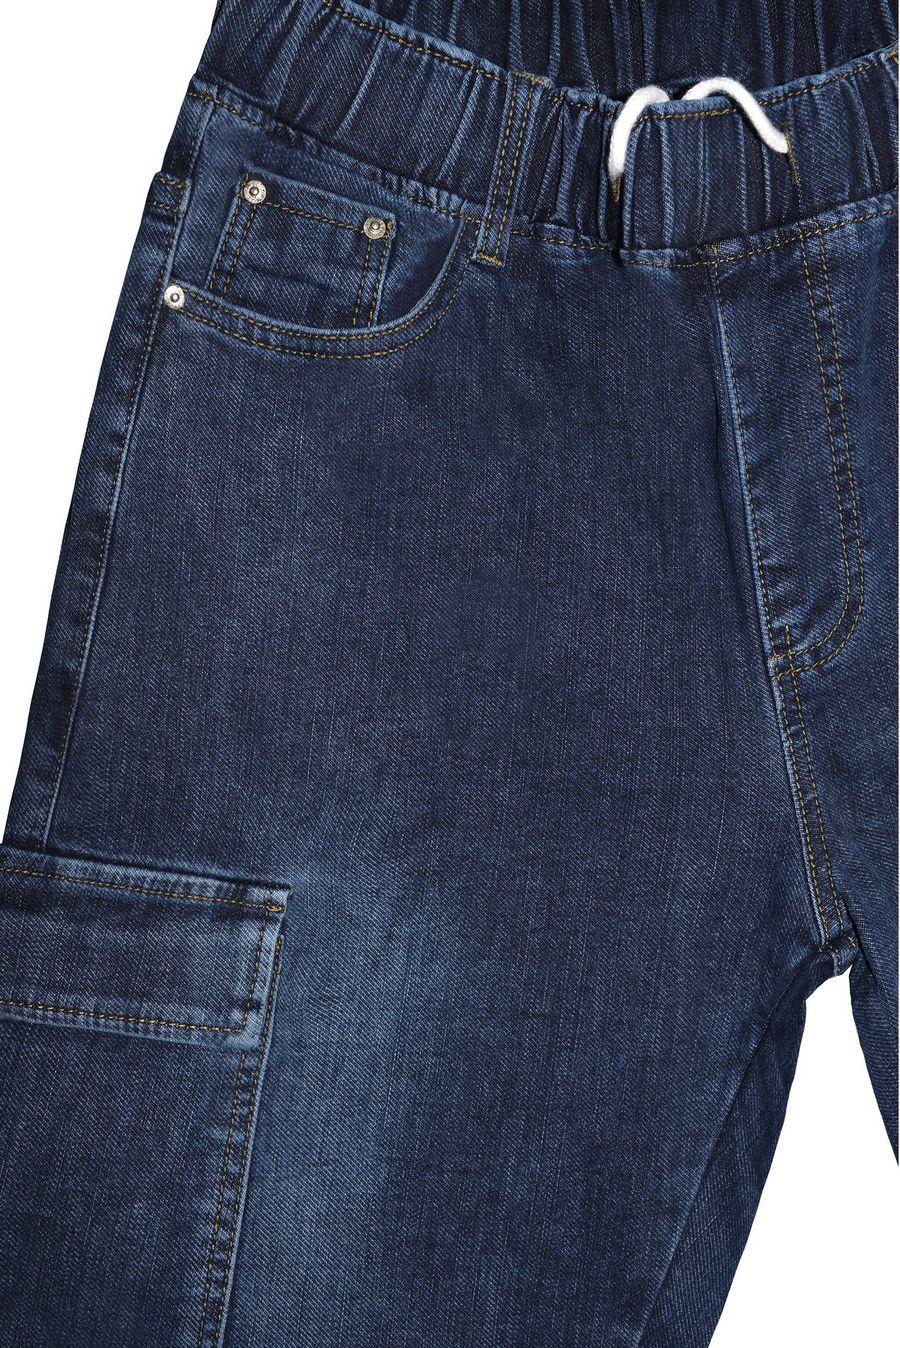 Джинсы женские K.Y Jeans 092 - фото 3